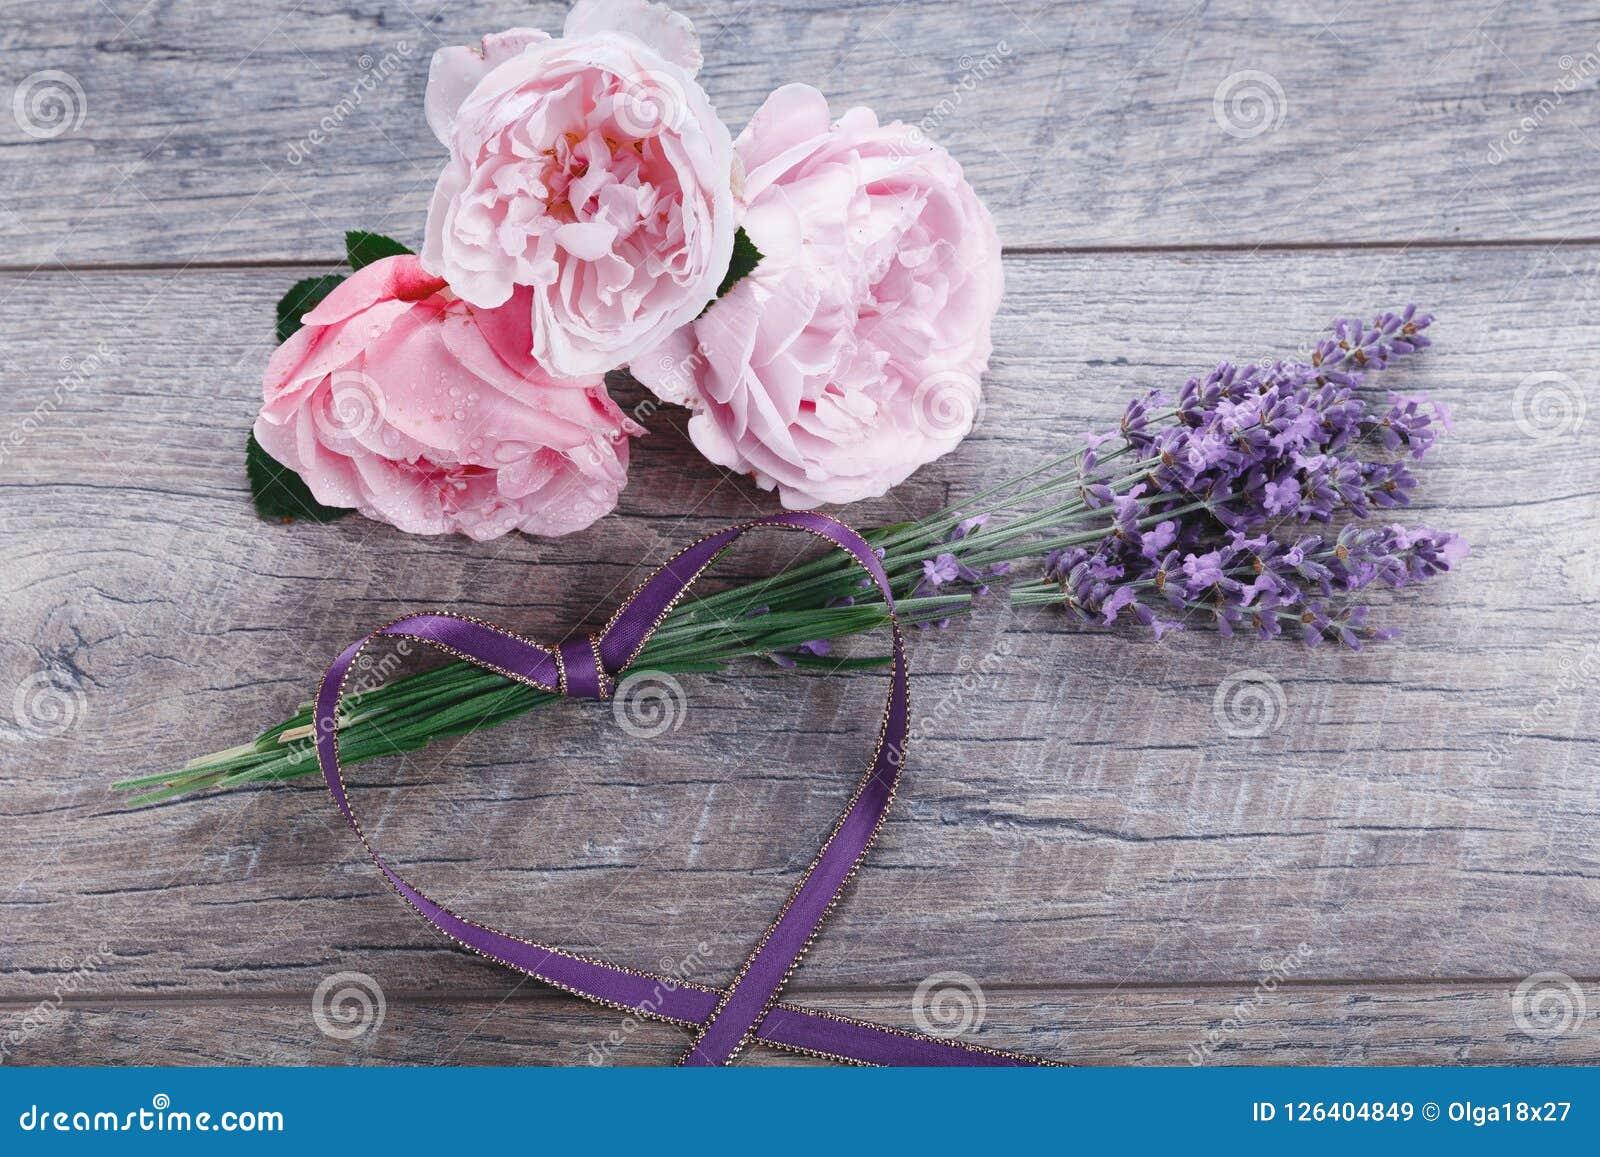 Composição inglesa das rosas da flor festiva com fita, alfazema no fundo de madeira, estilo rústico Vista superior aérea